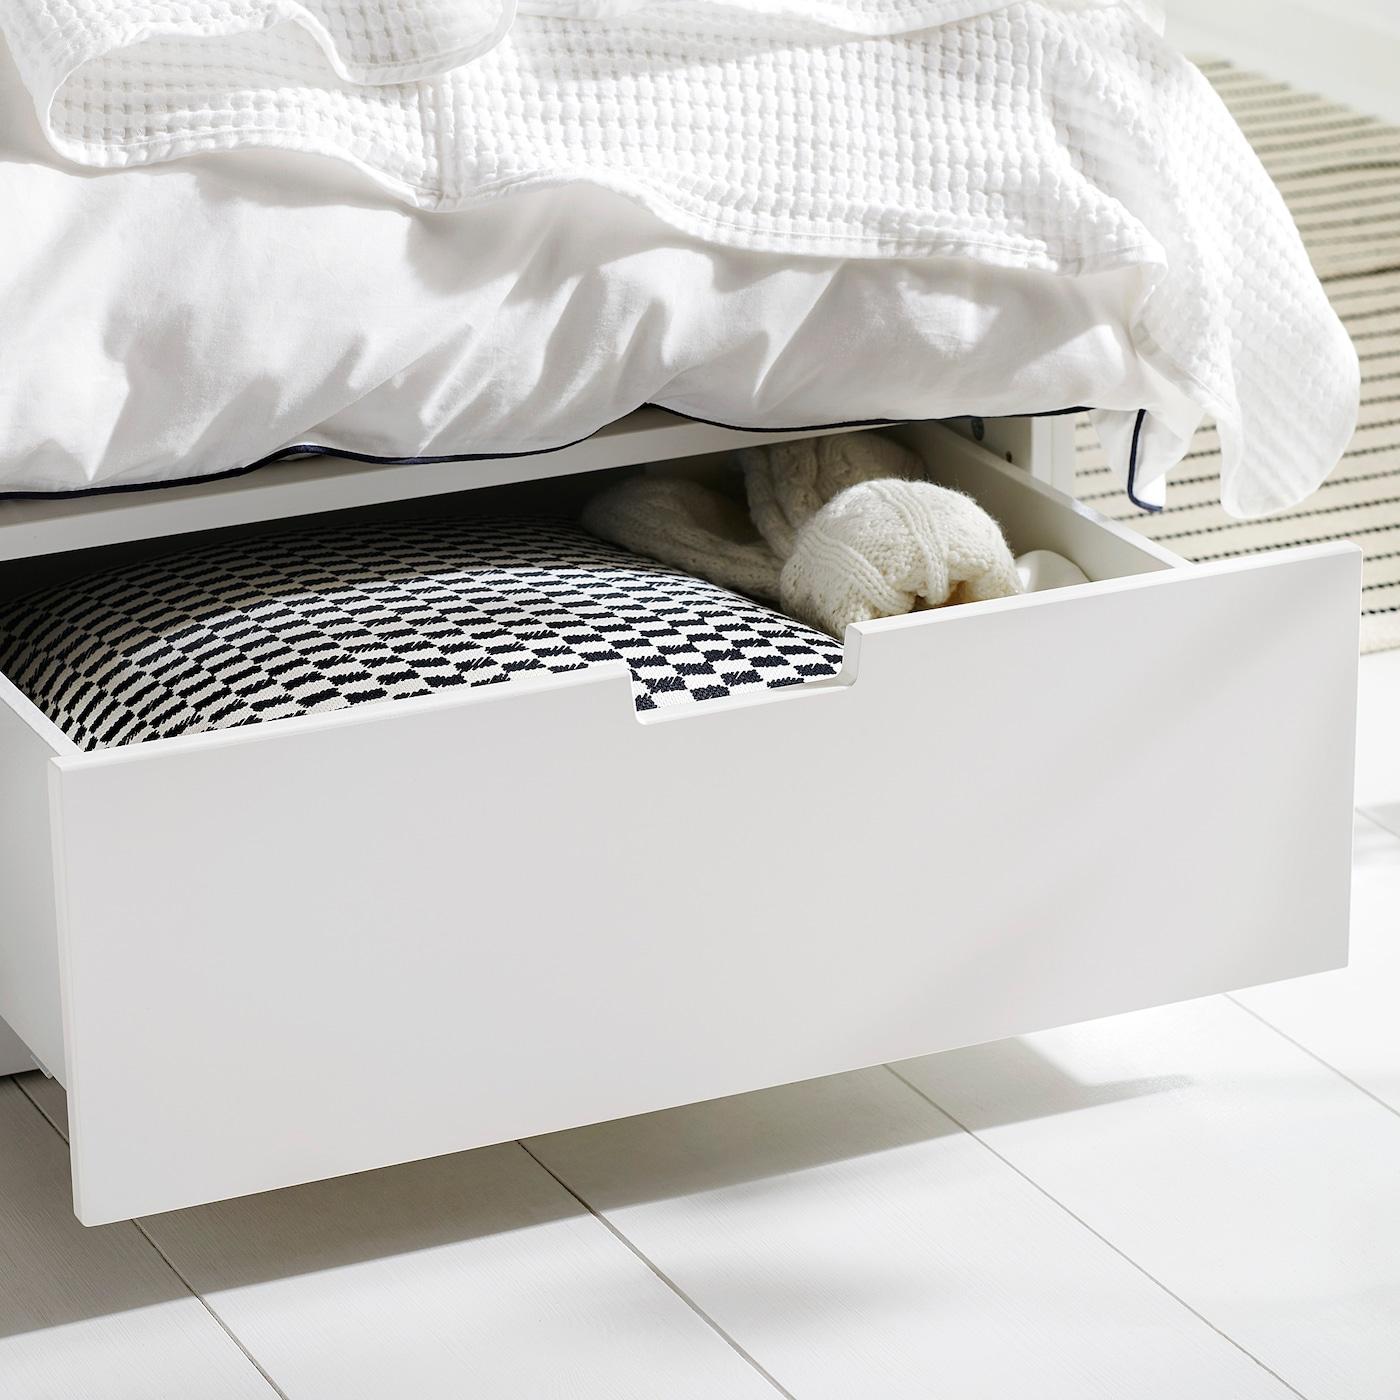 Full Size of Ikea Bett 140x200 Mit Schubladen Nordli Bettgestell Wei Deutschland Nussbaum Bette Badewannen Betten 160x200 2m X Liegehöhe 60 Cm überlänge Massiv Wohnzimmer Ikea Bett 140x200 Mit Schubladen